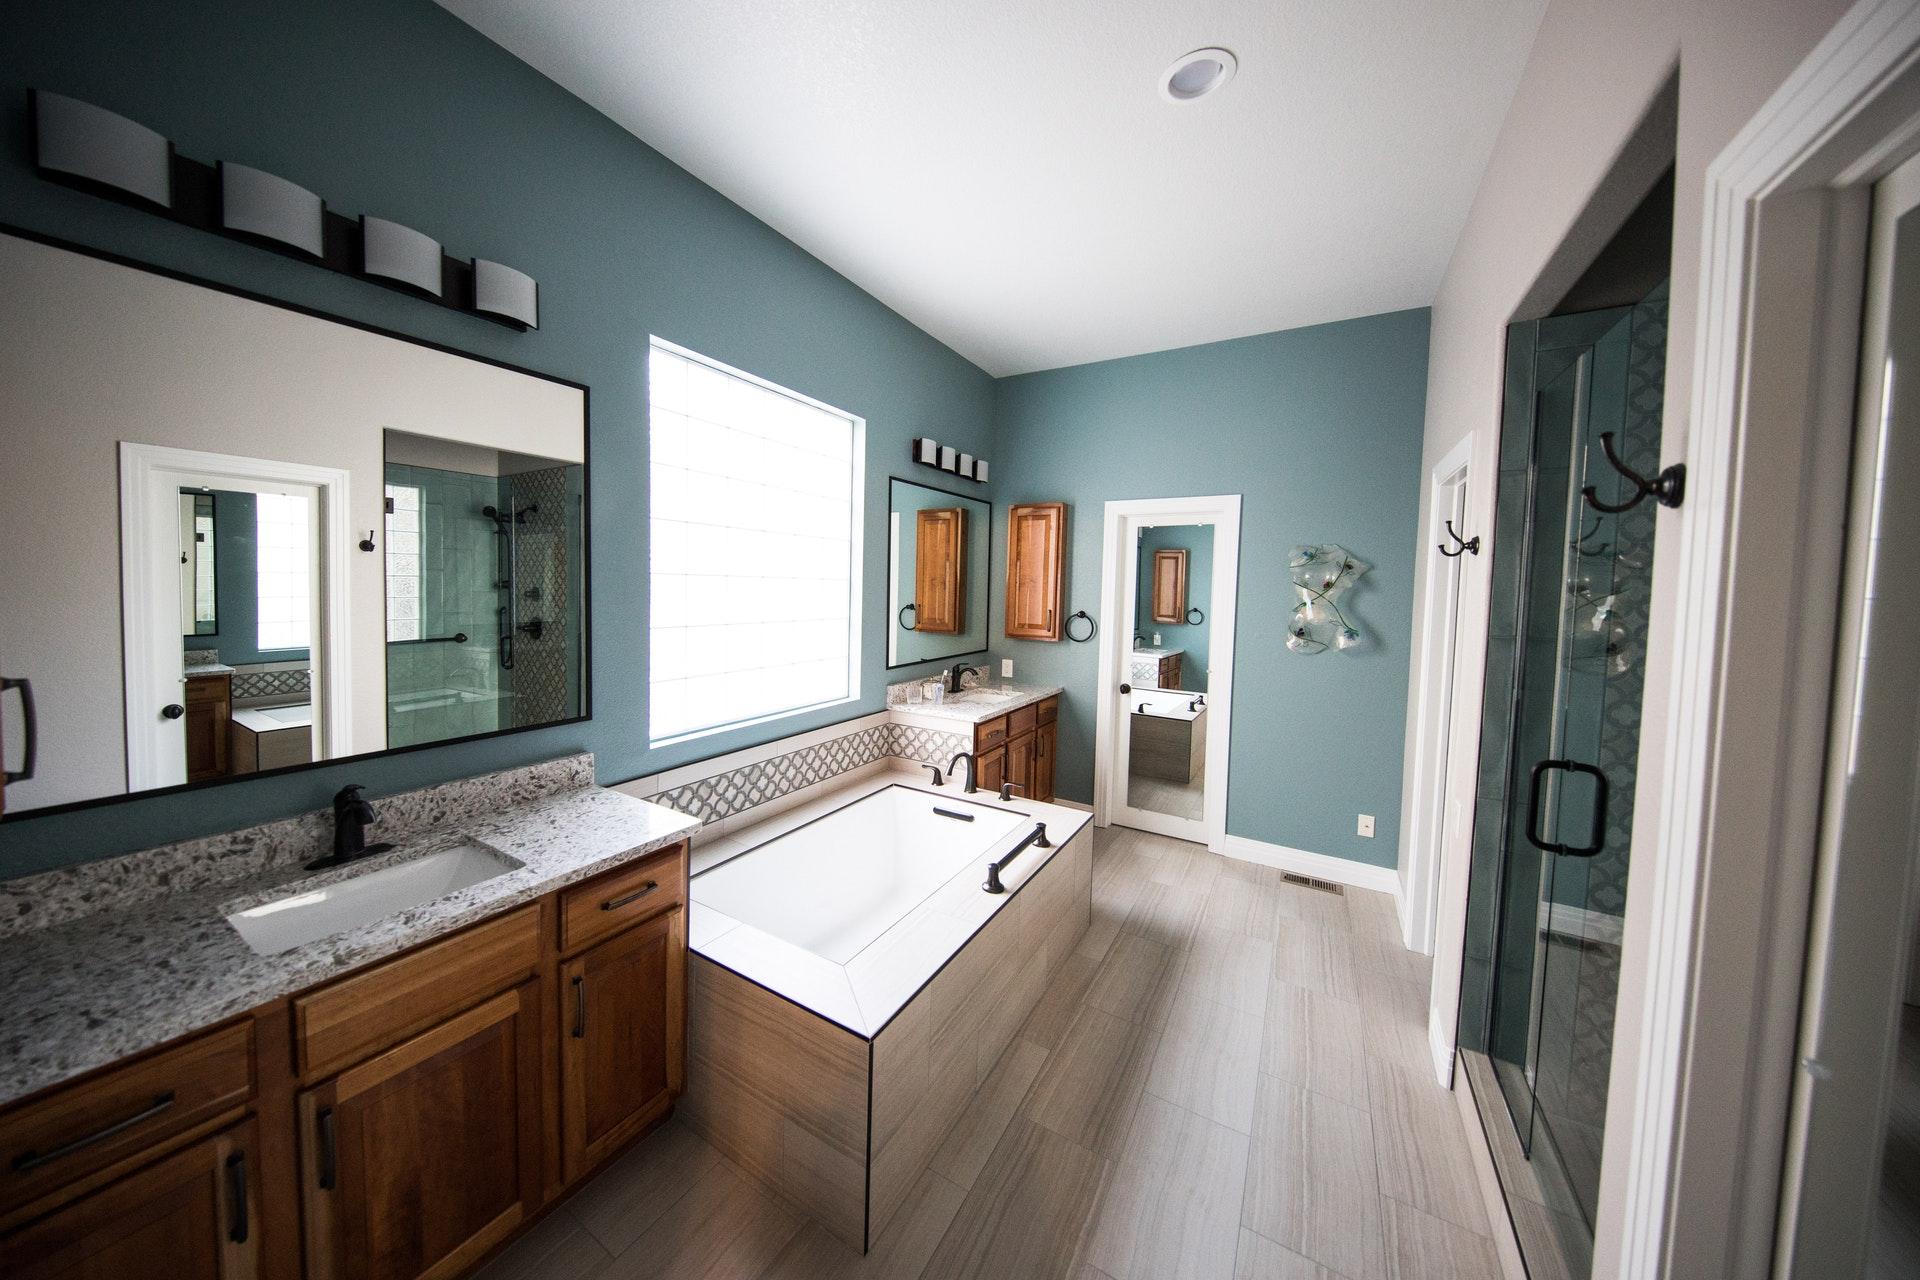 Salle de bains ancienne : rénovez-la à moindre coût